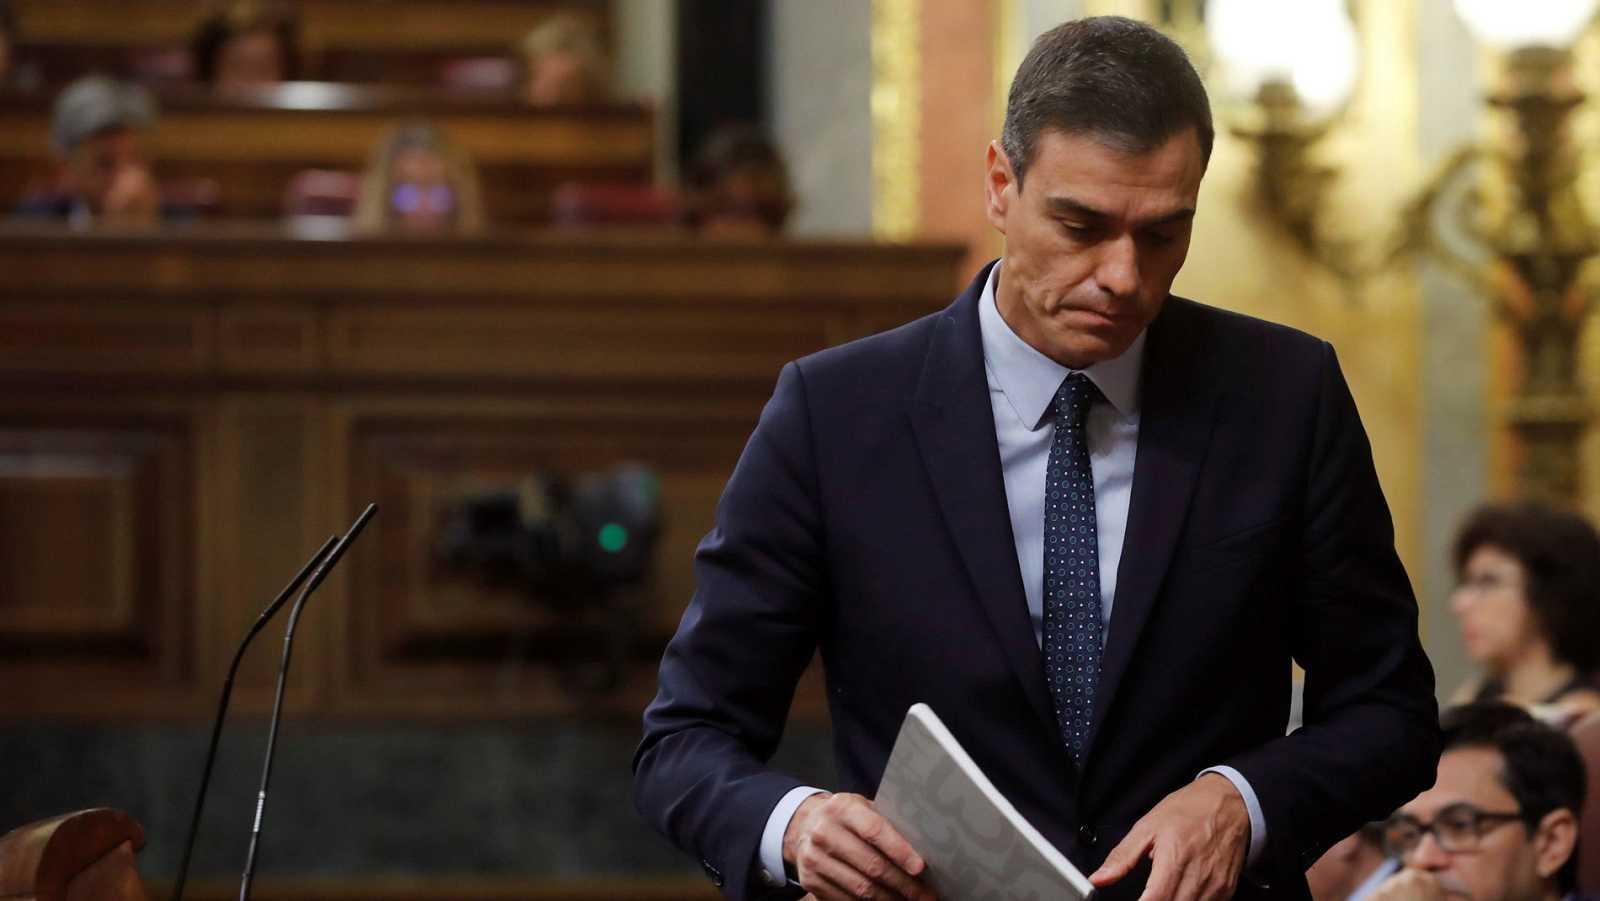 El presidente del Gobierno en funciones y candidato socialista, Pedro Sánchez, en una imagen de archivo en el Congreso.